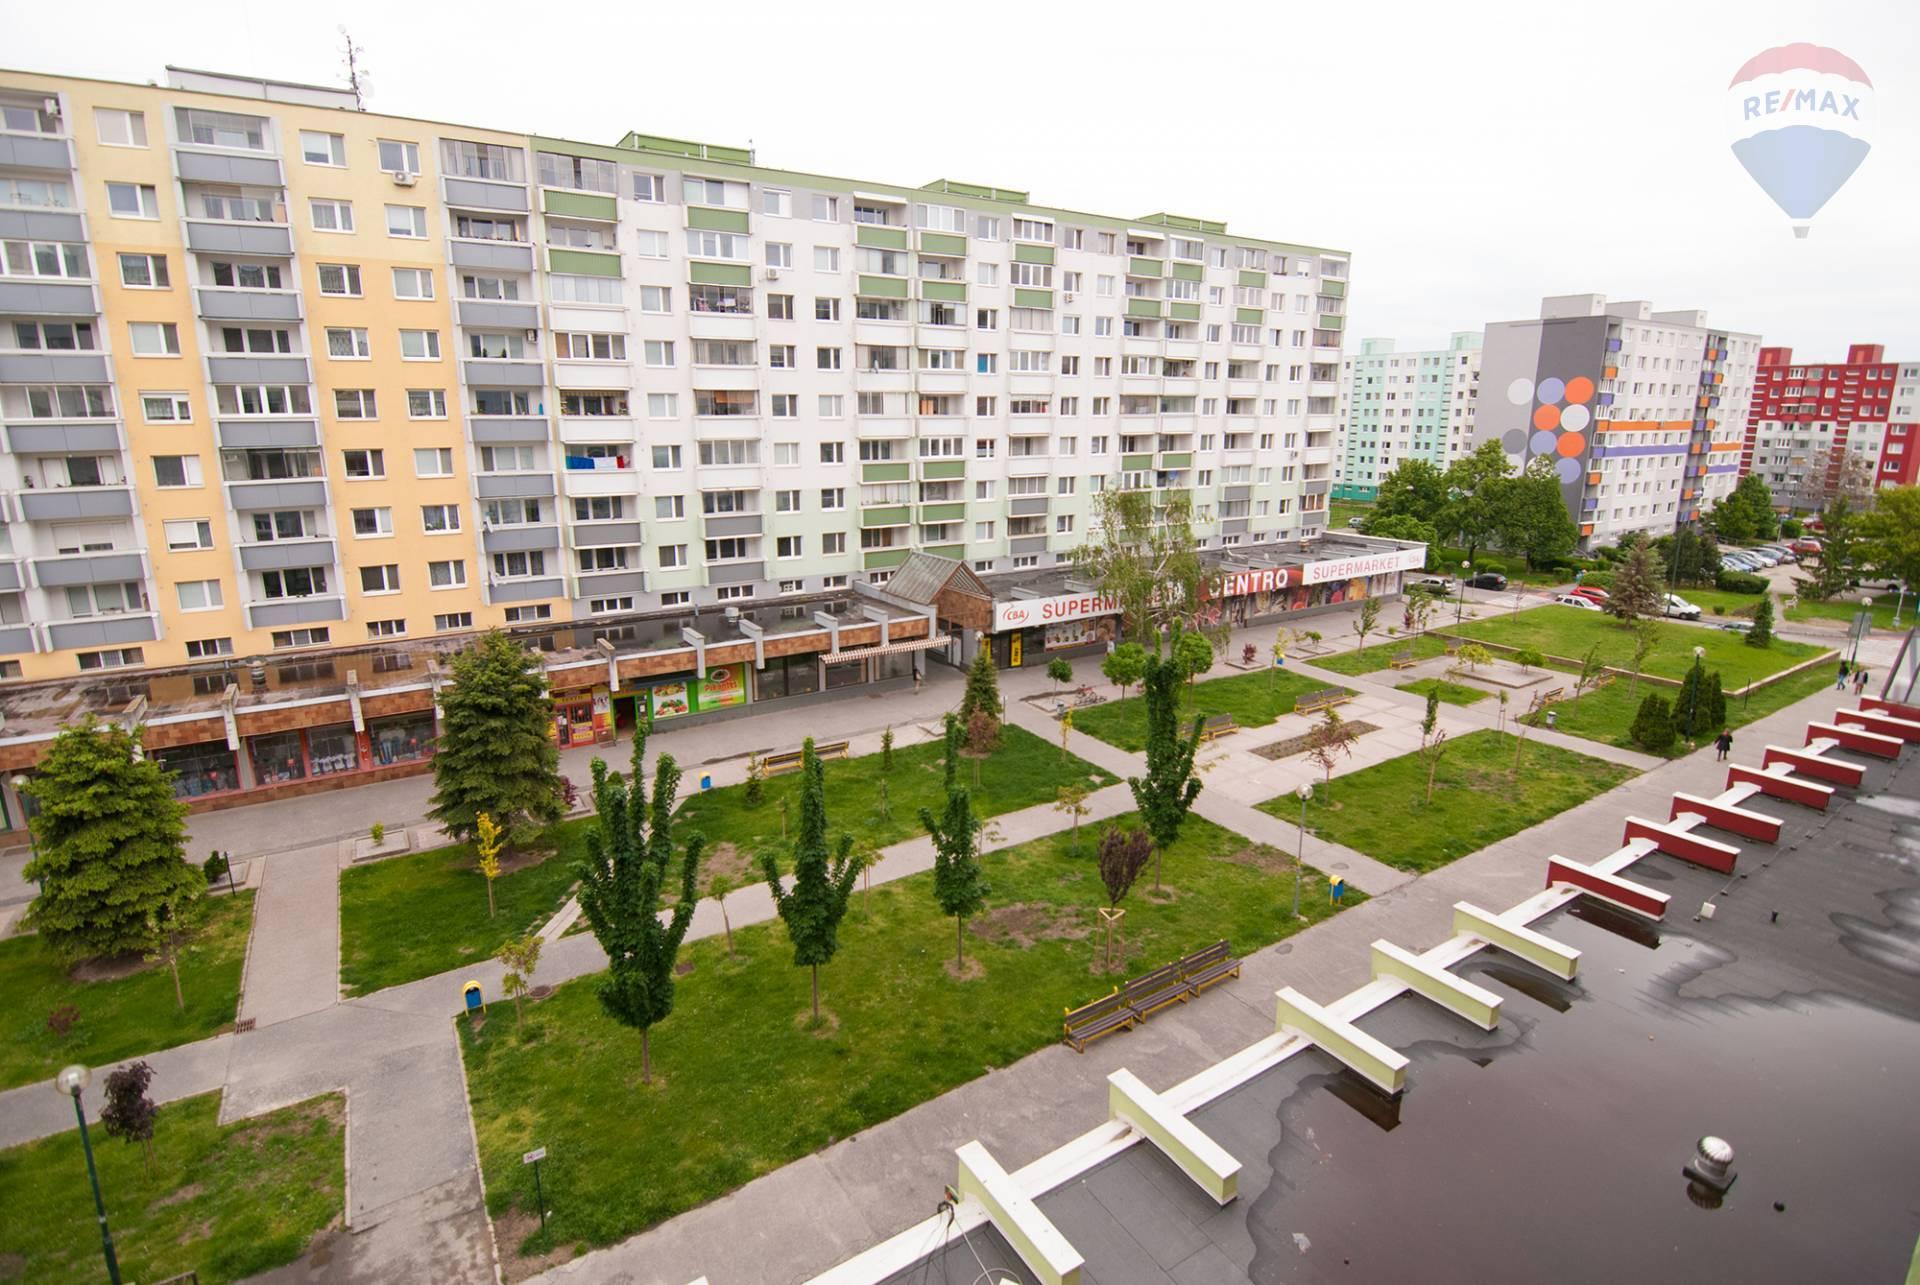 ❗❗1 IZBOVÝ BYT❗❗NA PRENÁJOM 1 izbový byt na pešej zóne vo Vrakuni